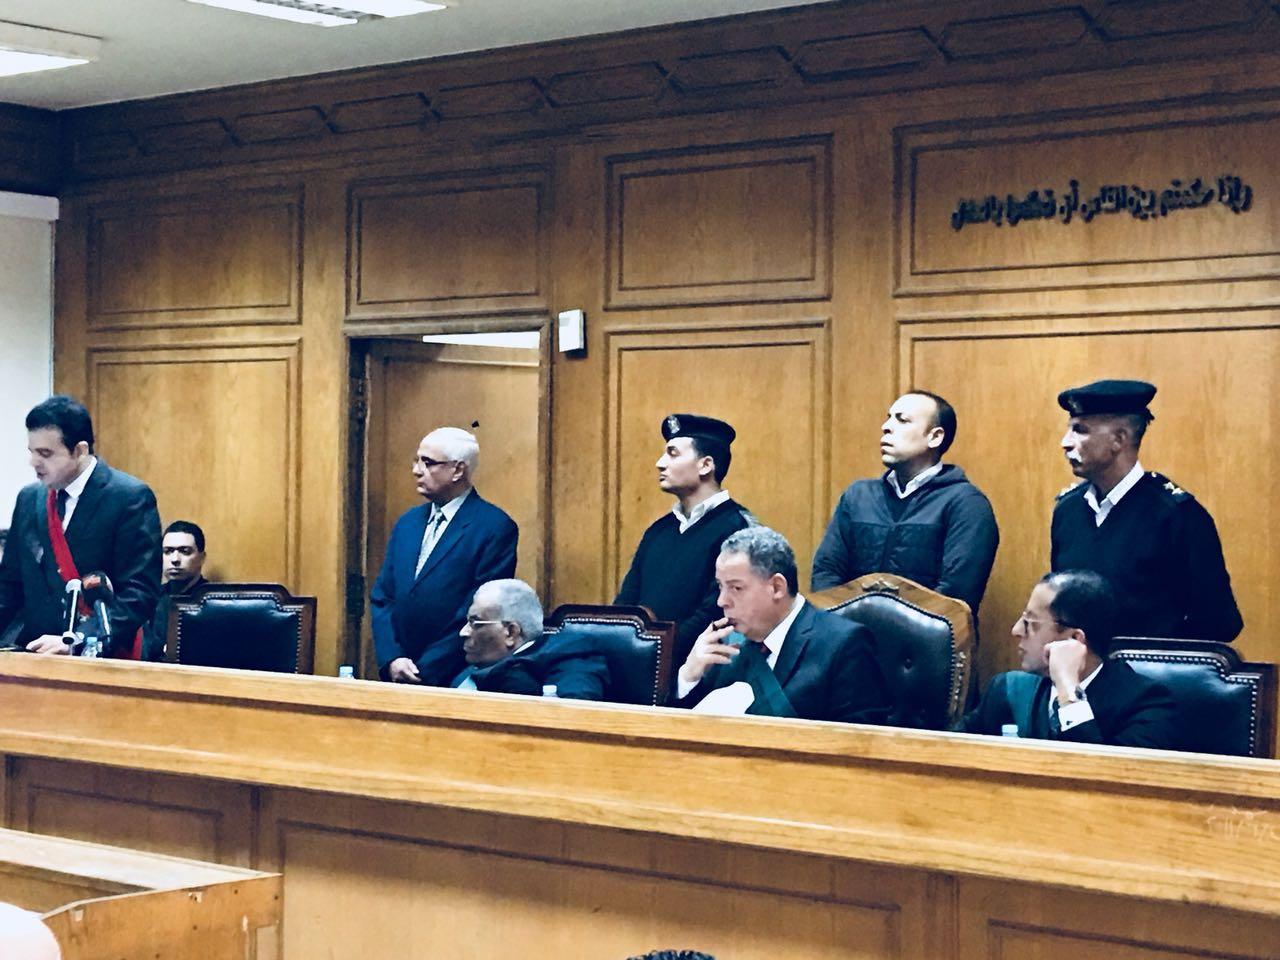 هيئة المحكمة لمحاكمة المتهمين